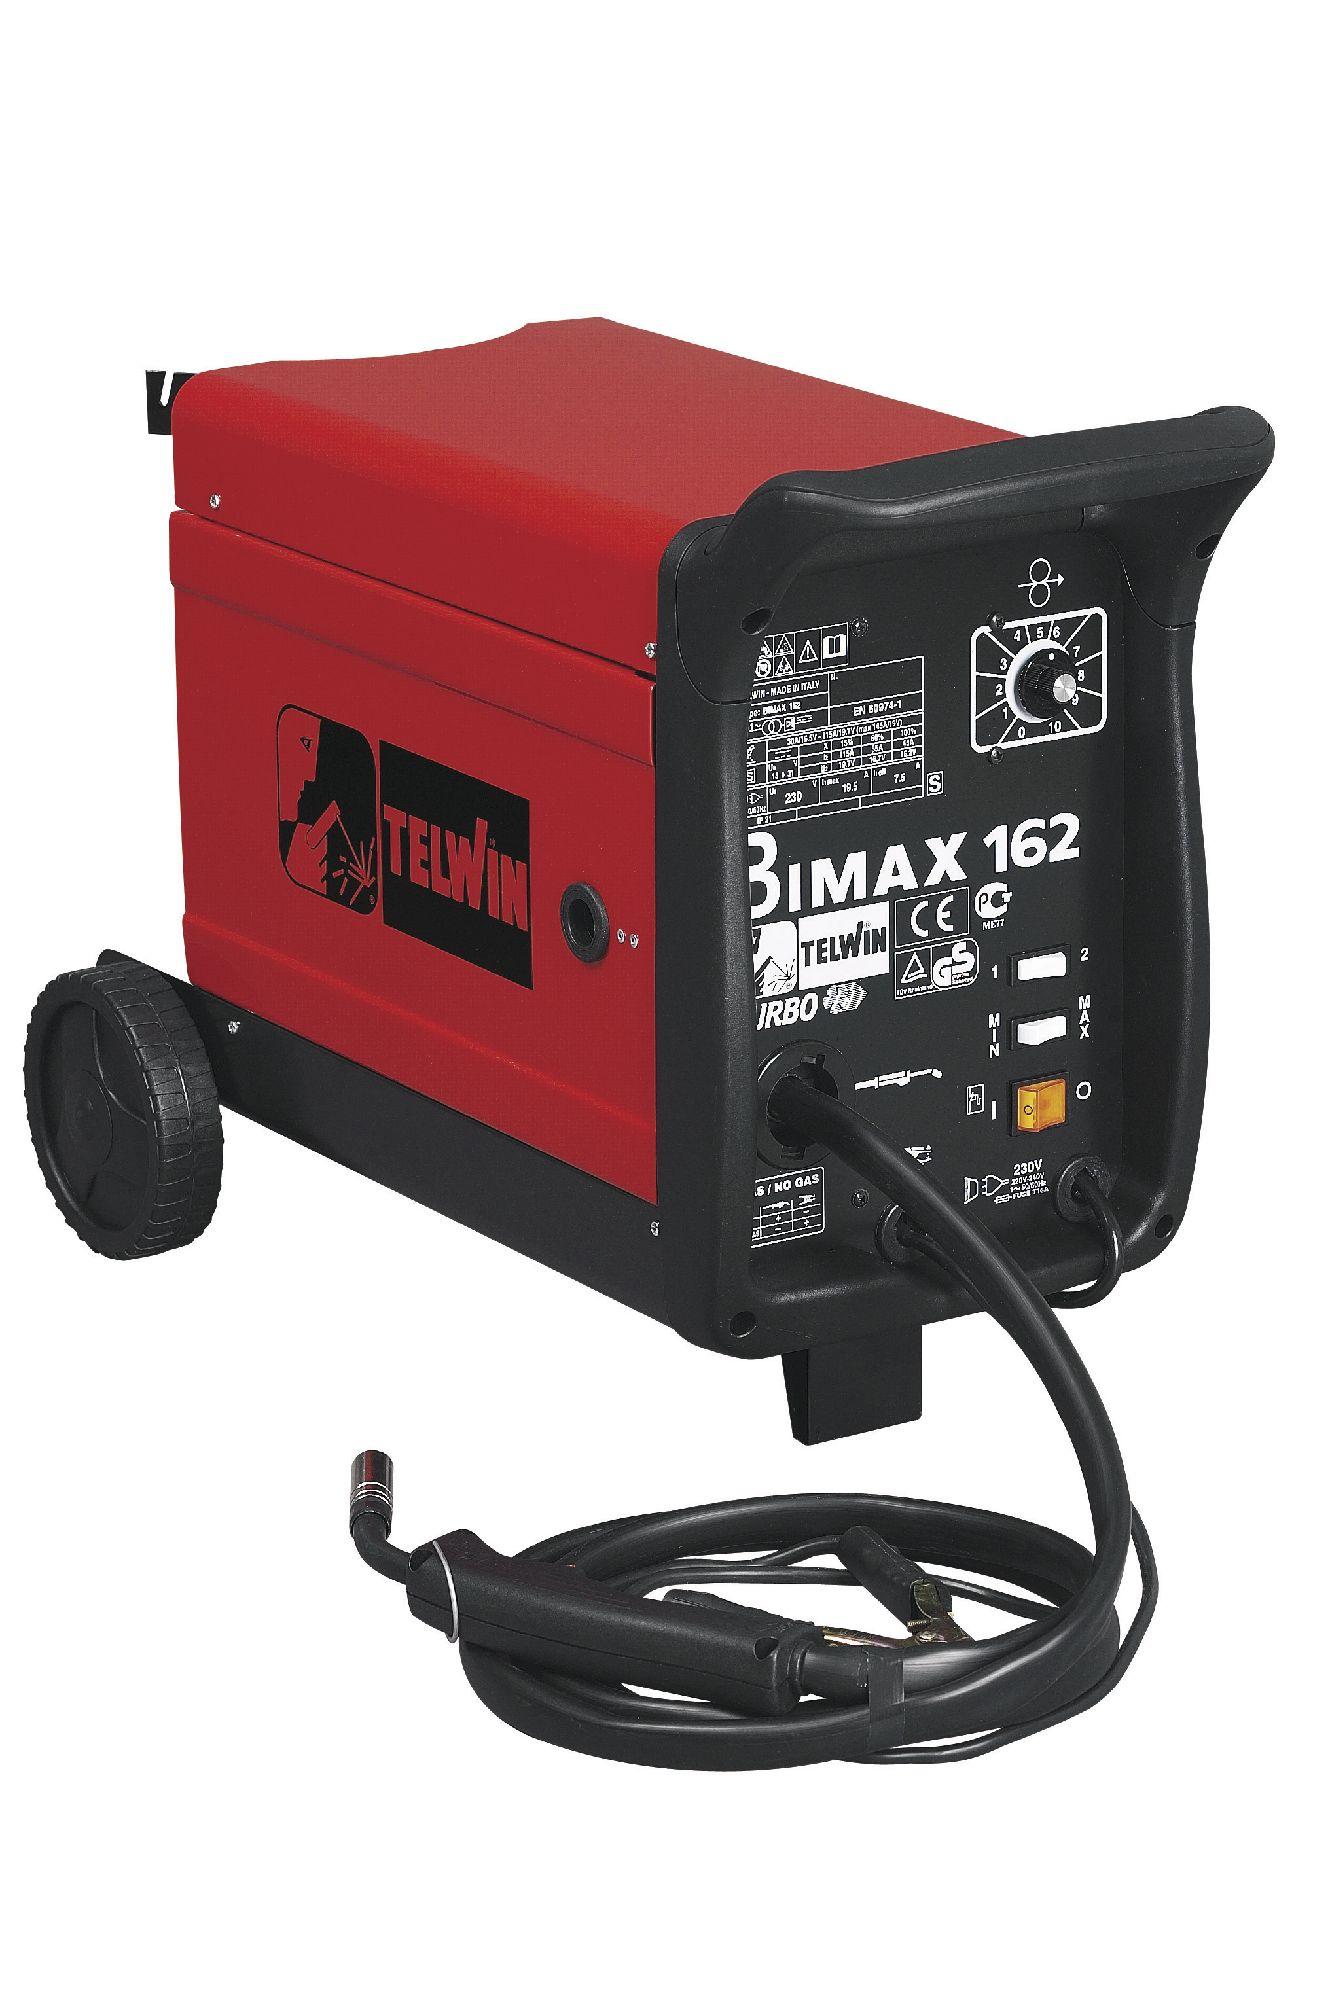 BIMAX 162 TURBO   FLUX-MIG welding machines   Welding machines ... 3629f91750be